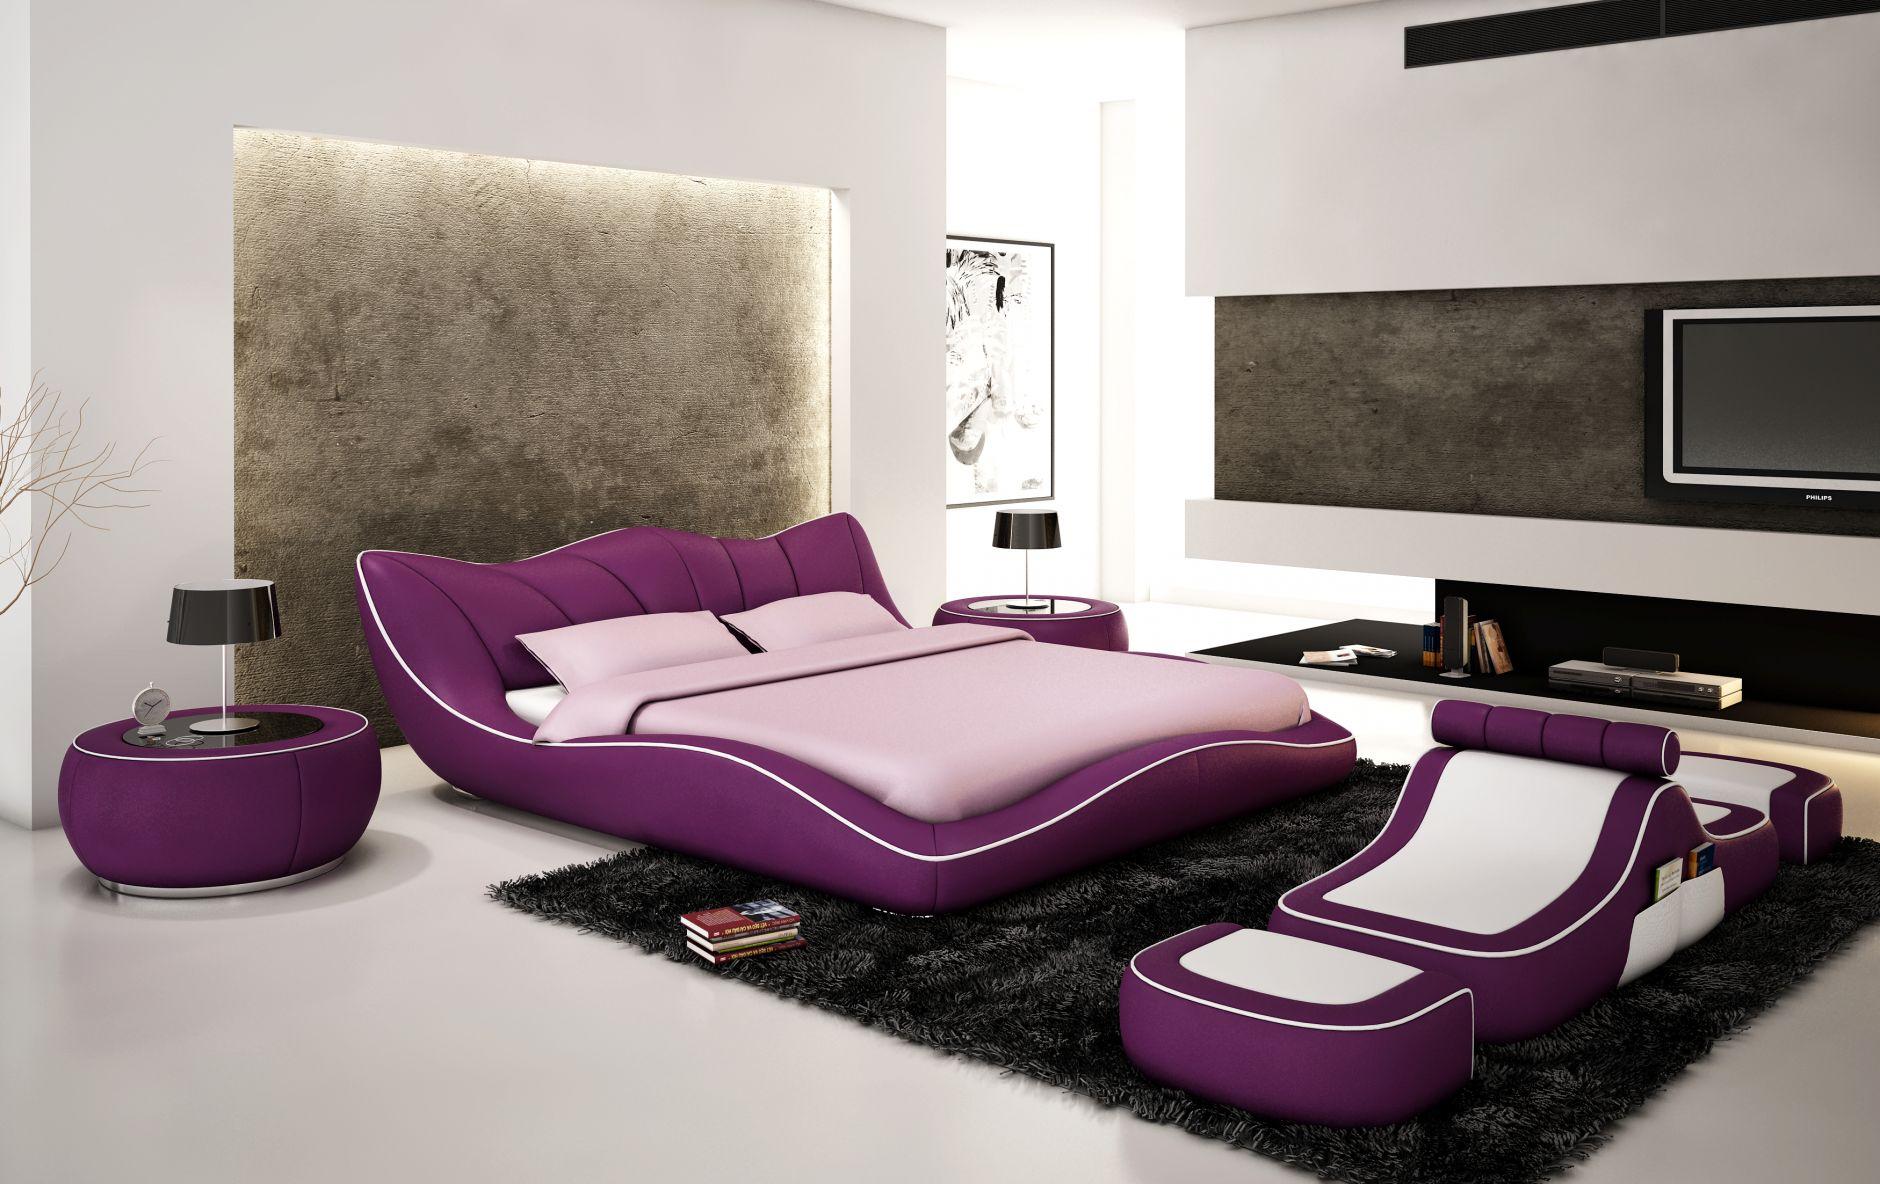 J215 - Canape lit pour dormir tous les jours ...